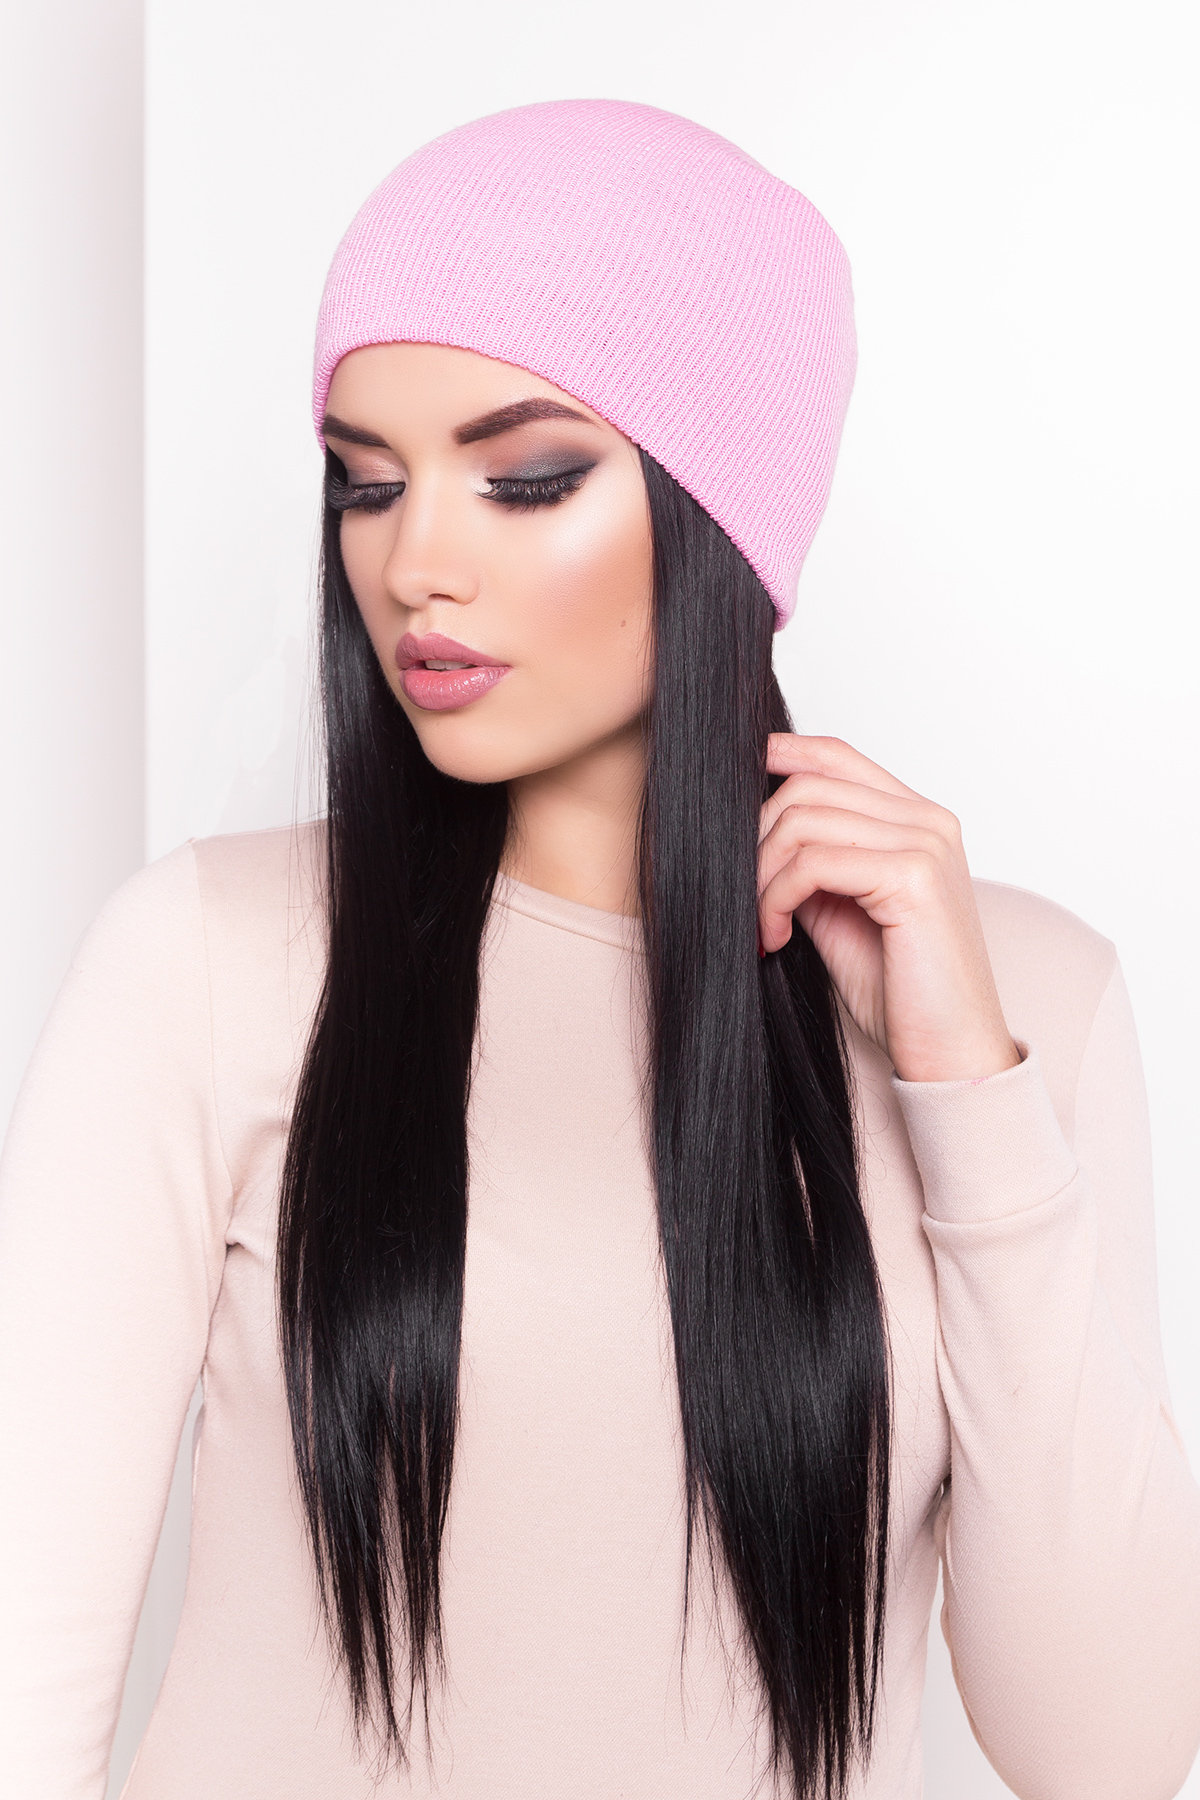 купить женскую зимнюю шапку в Украине Шапка Ультра 3858